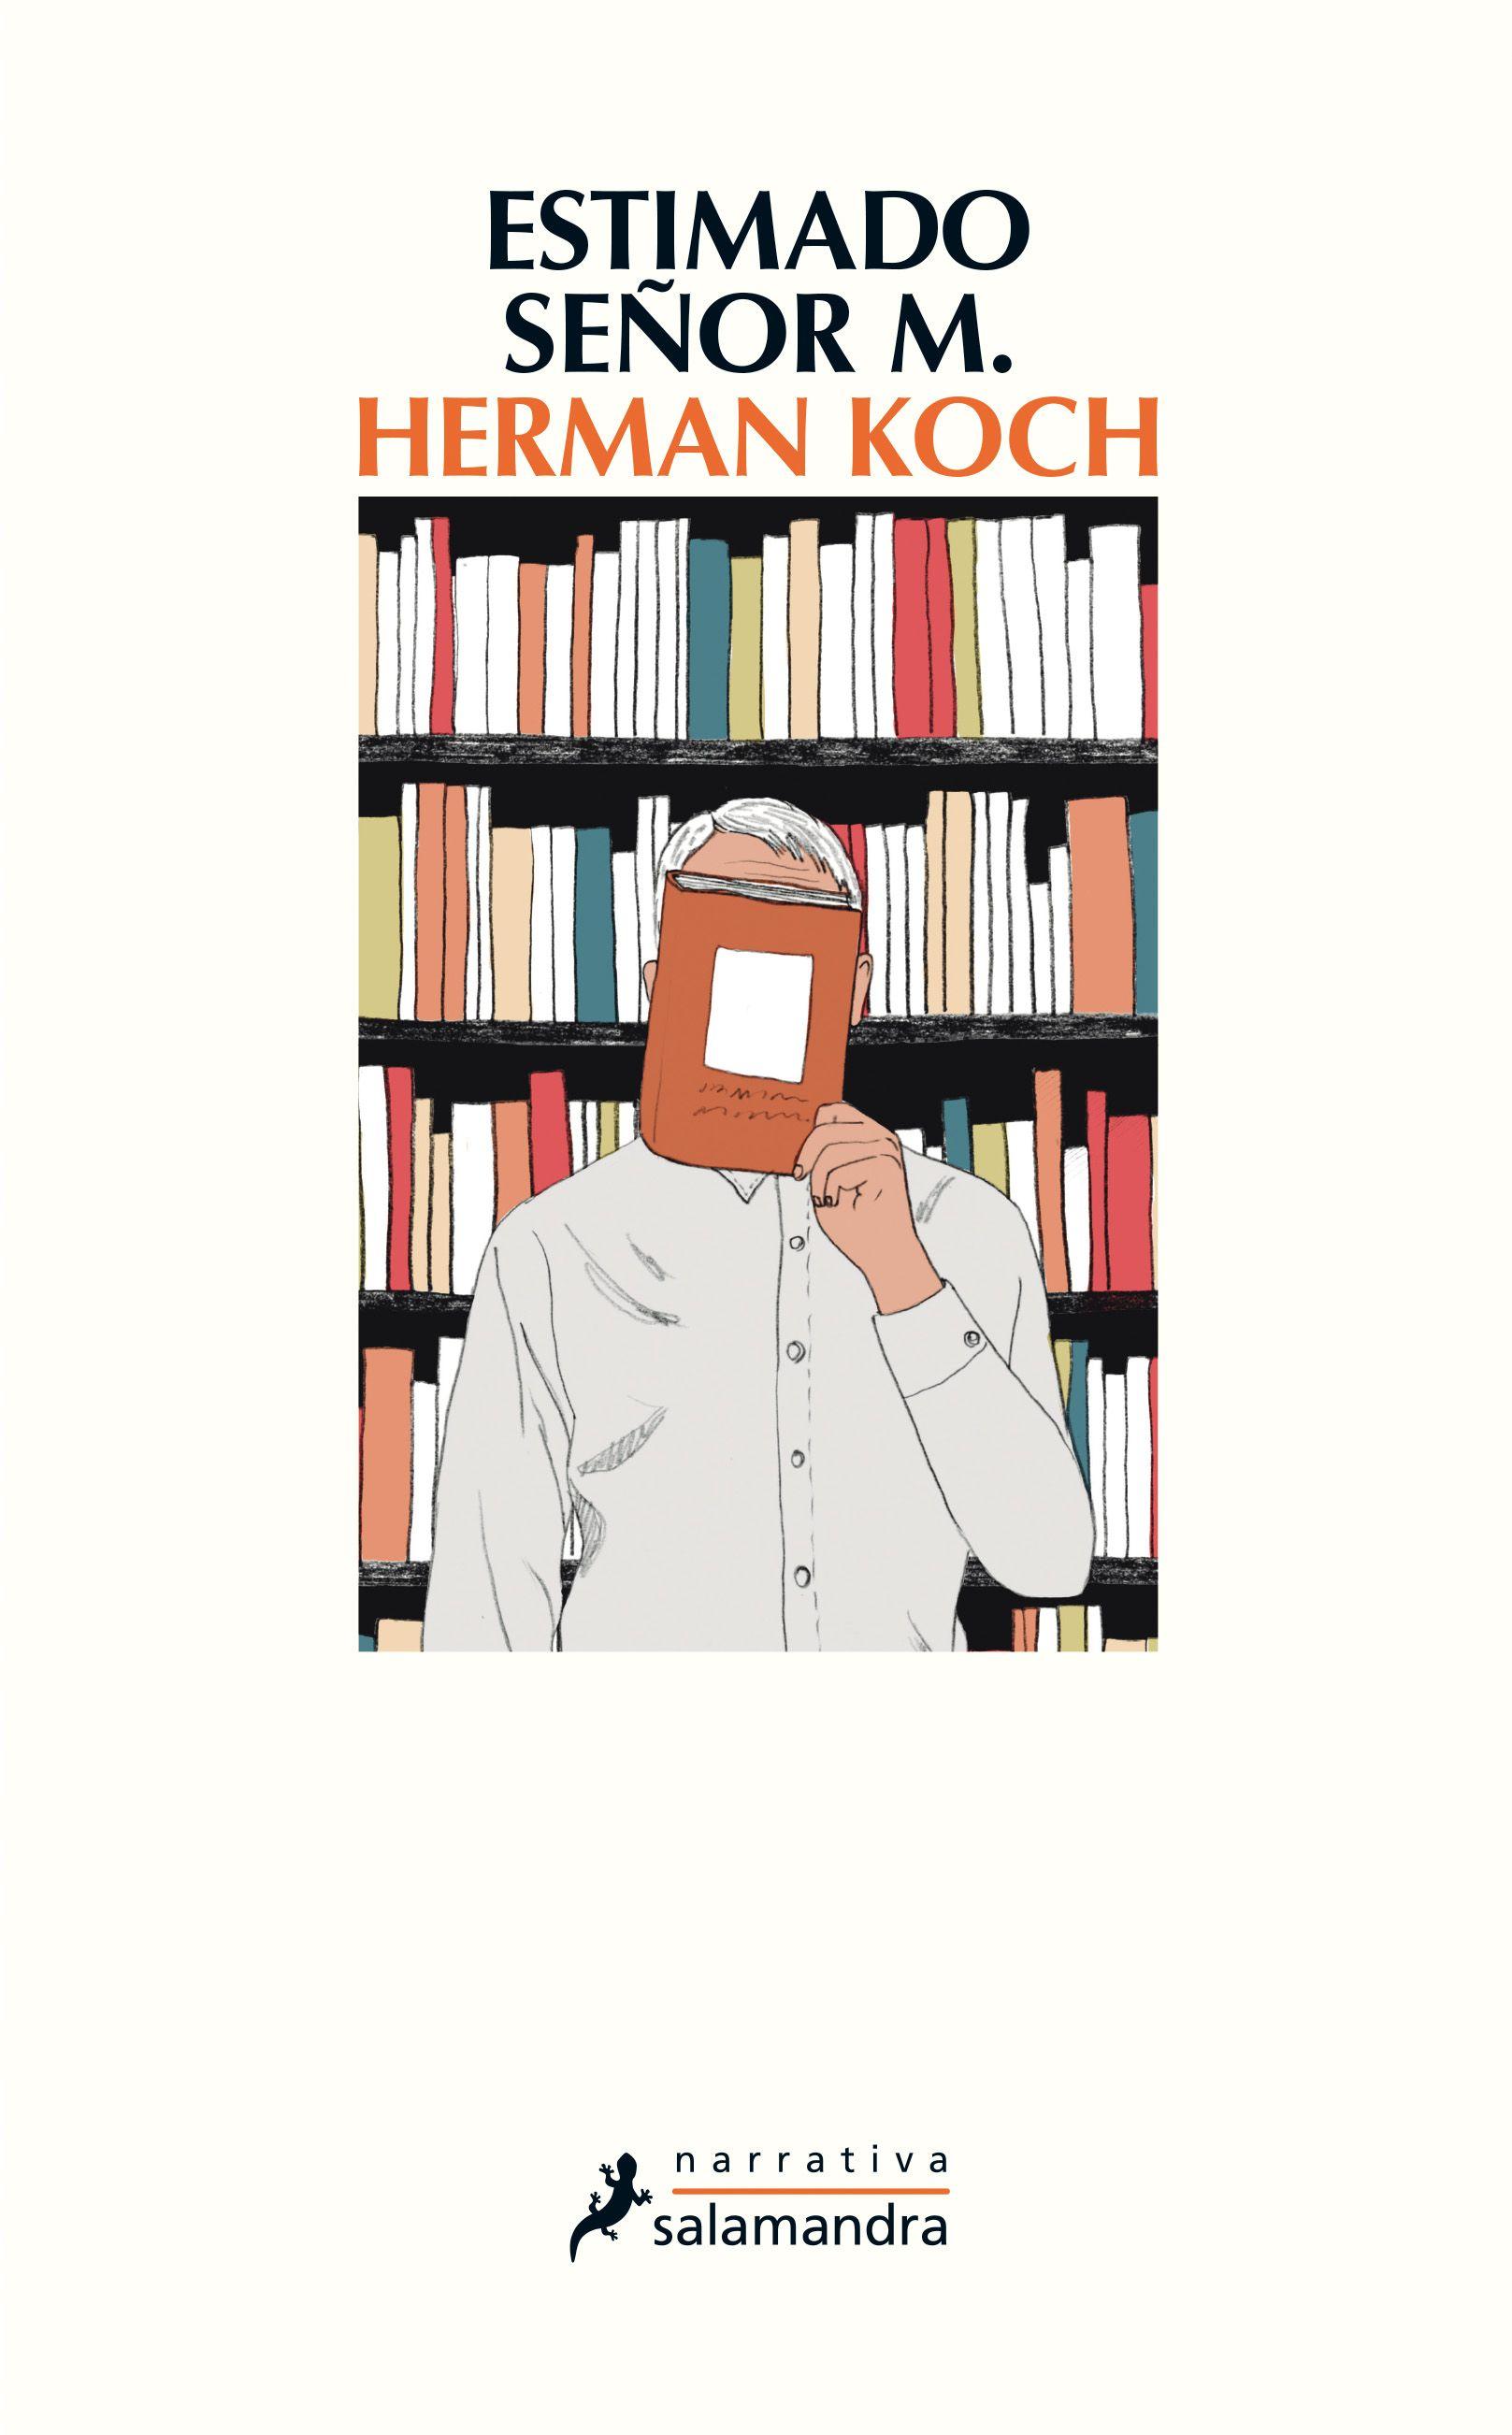 Esta Nueva Novela Afianza El Impresionante Talento De Herman Koch Y Lo Confirma Como Una De Las Voces Más Originales Y Subyugantes De Libros Novelas Literatura